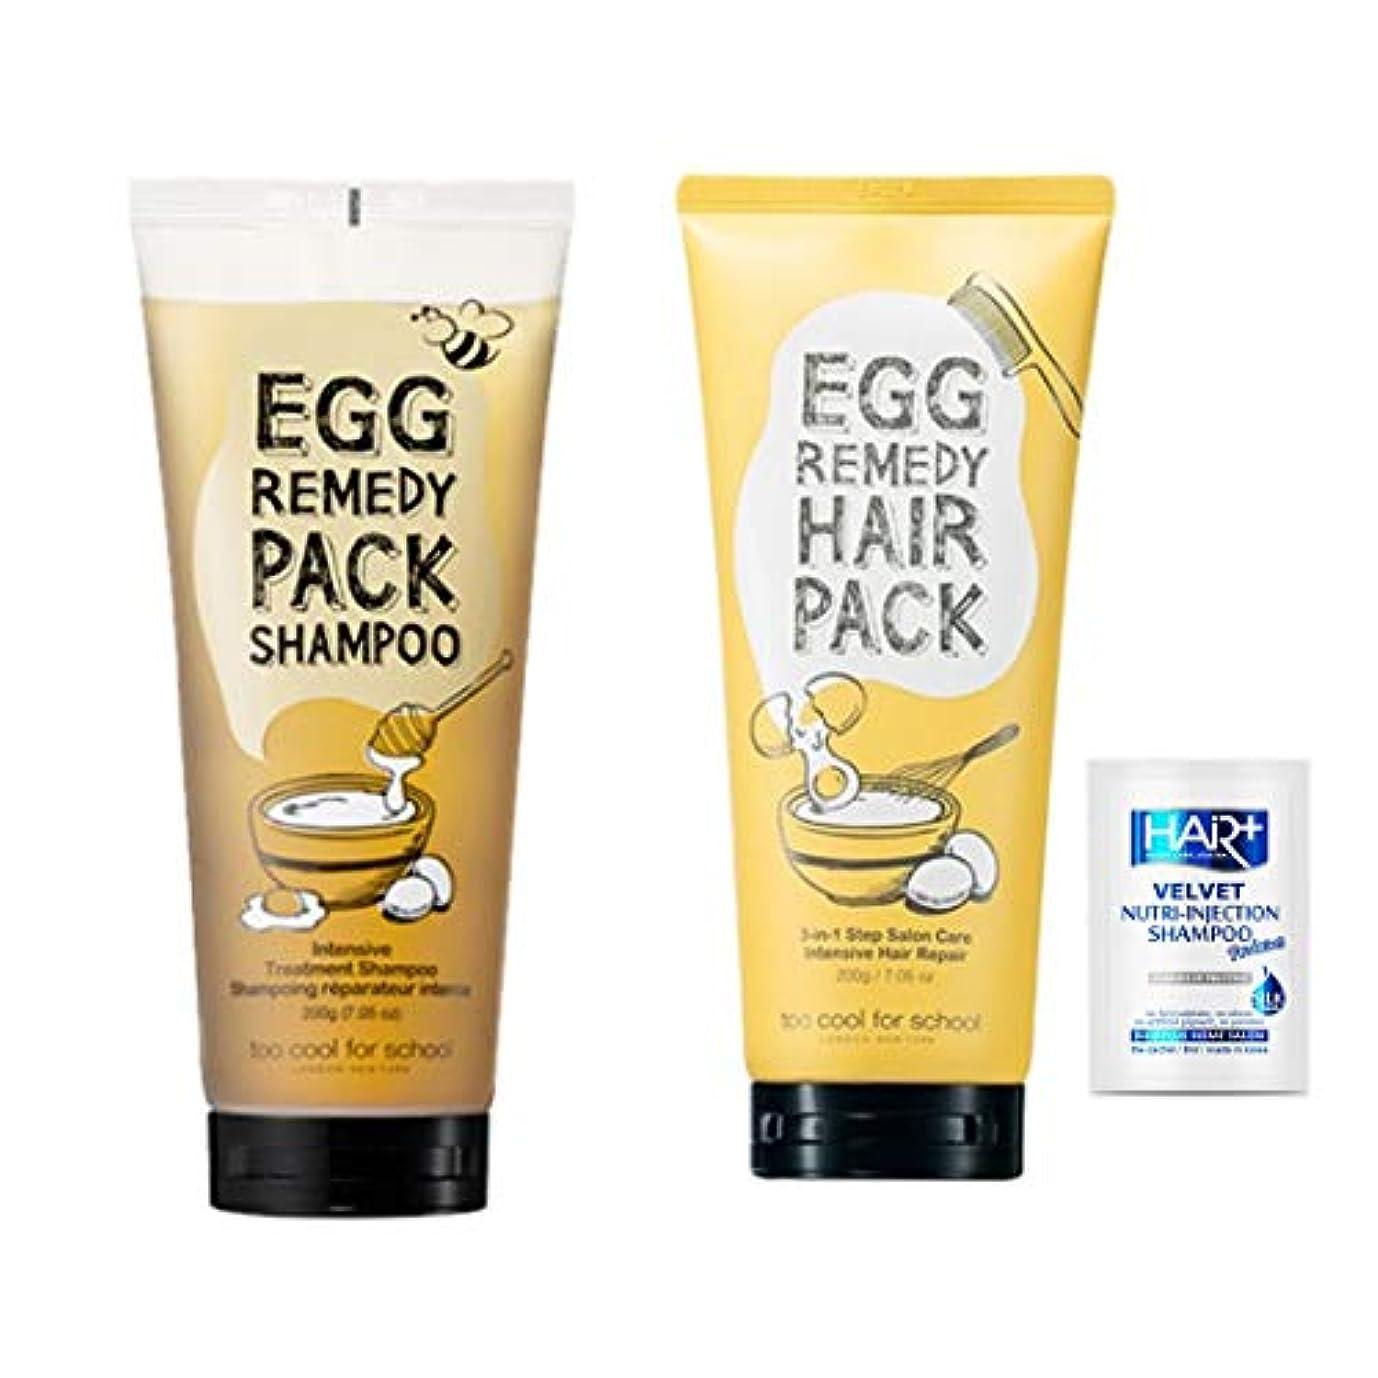 クルーズ論理的に犬トゥークールフォ―スクール(too cool for school)/エッグレミディパックシャンプーtoo cool for school Egg Remedy Pack Shampoo 200ml + エッグレミディヘアパック...